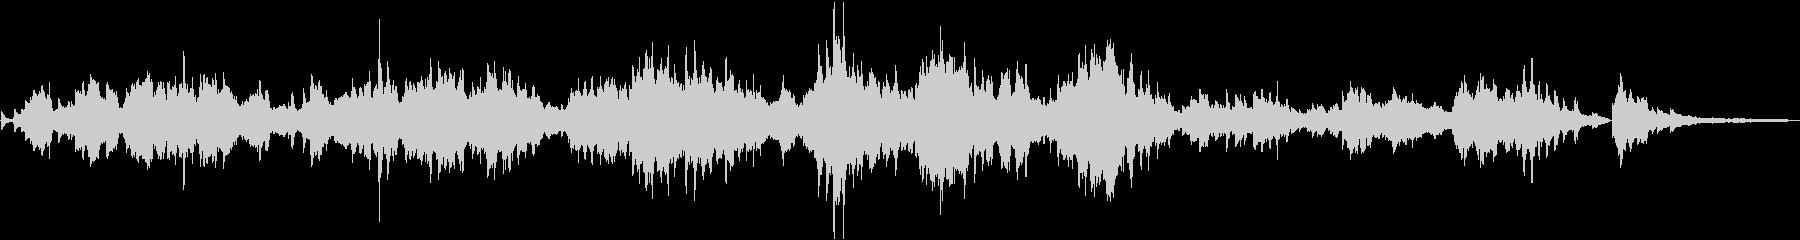 ショパン:エオリアン・ハープの未再生の波形